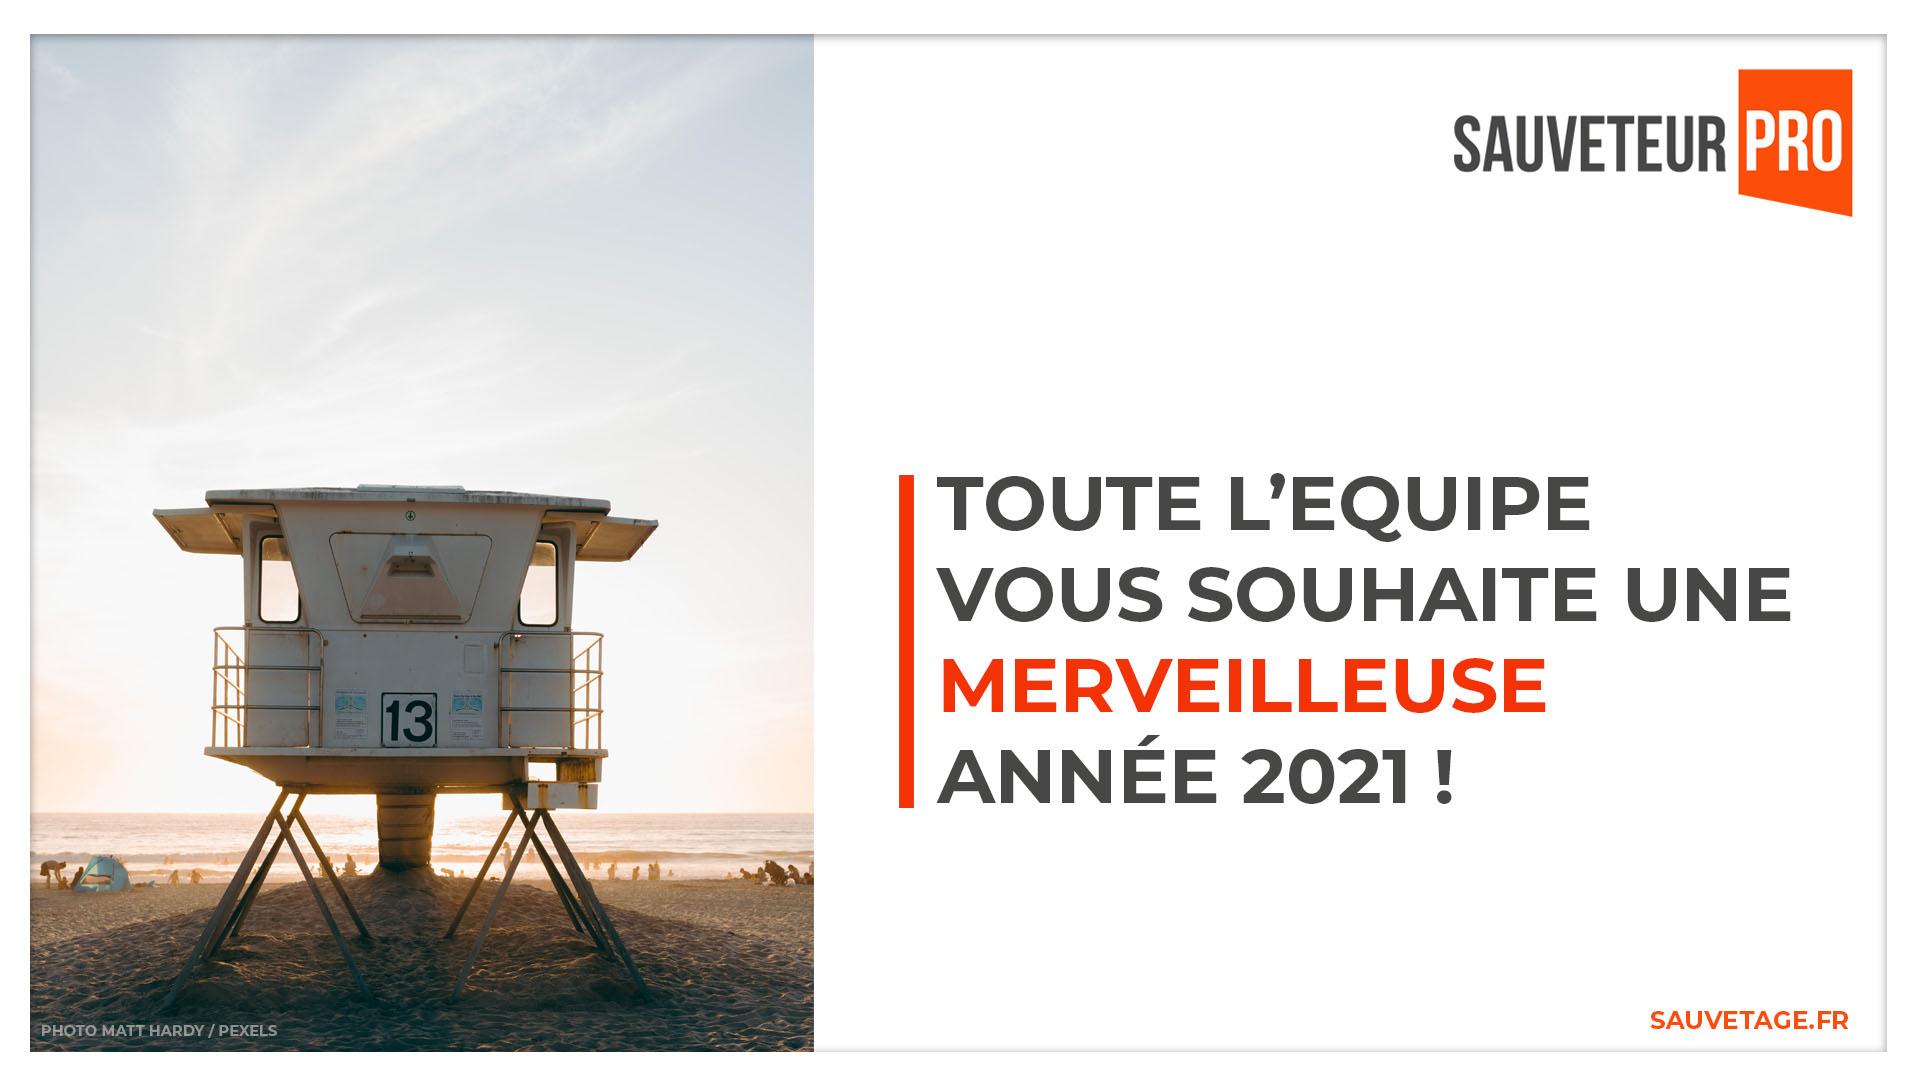 Belle année 2021 avec Sauveteur Pro